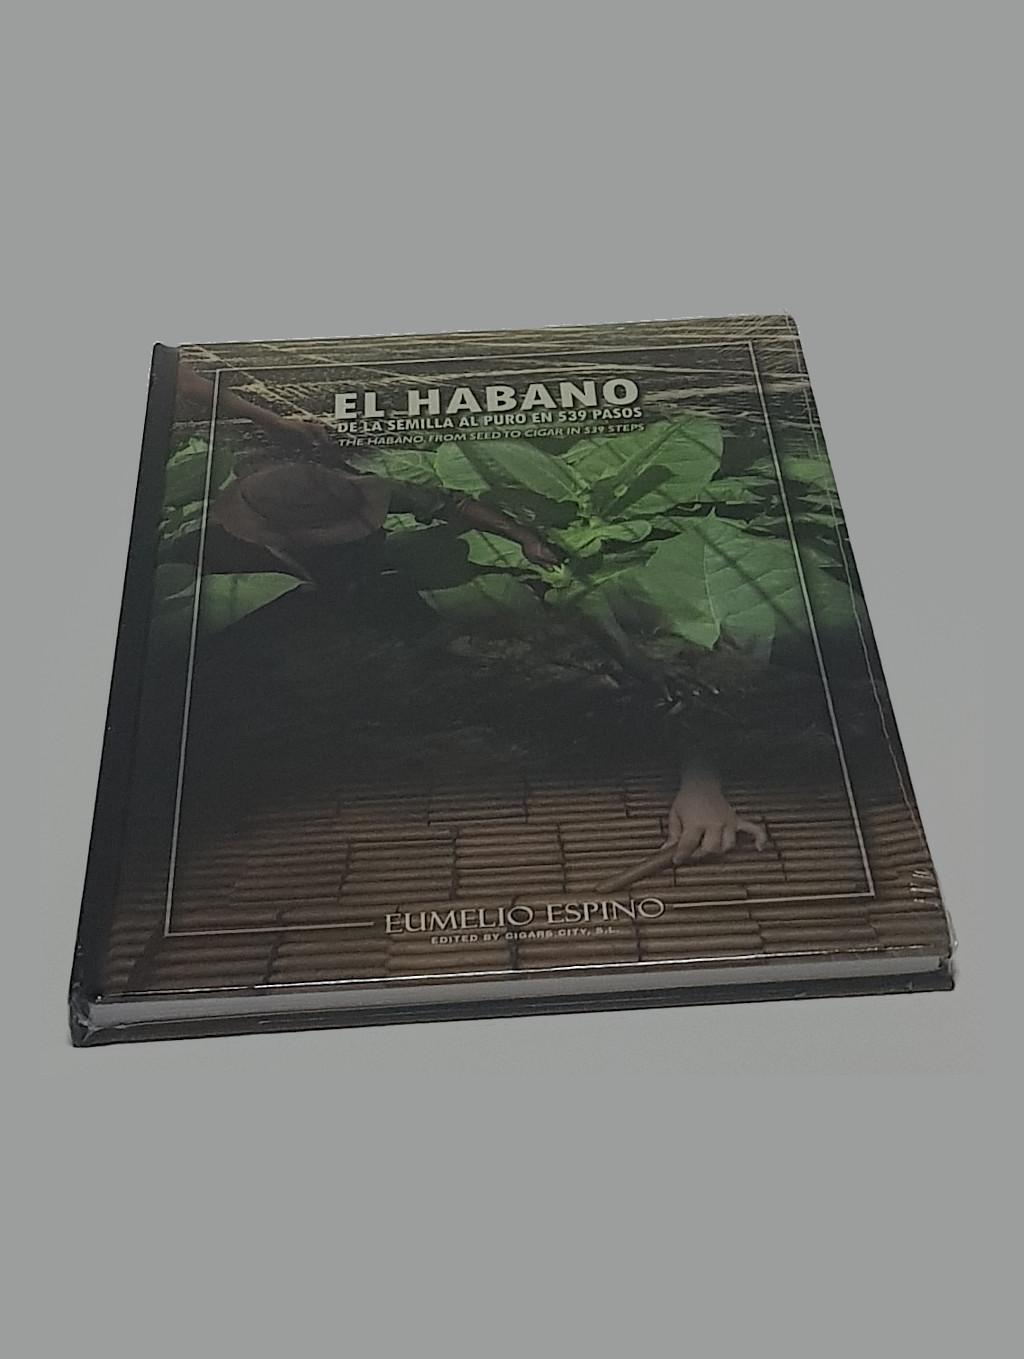 Livro El Habano, De La Semilla Al Puro en 539 Pasos - Idioma: Espanhol